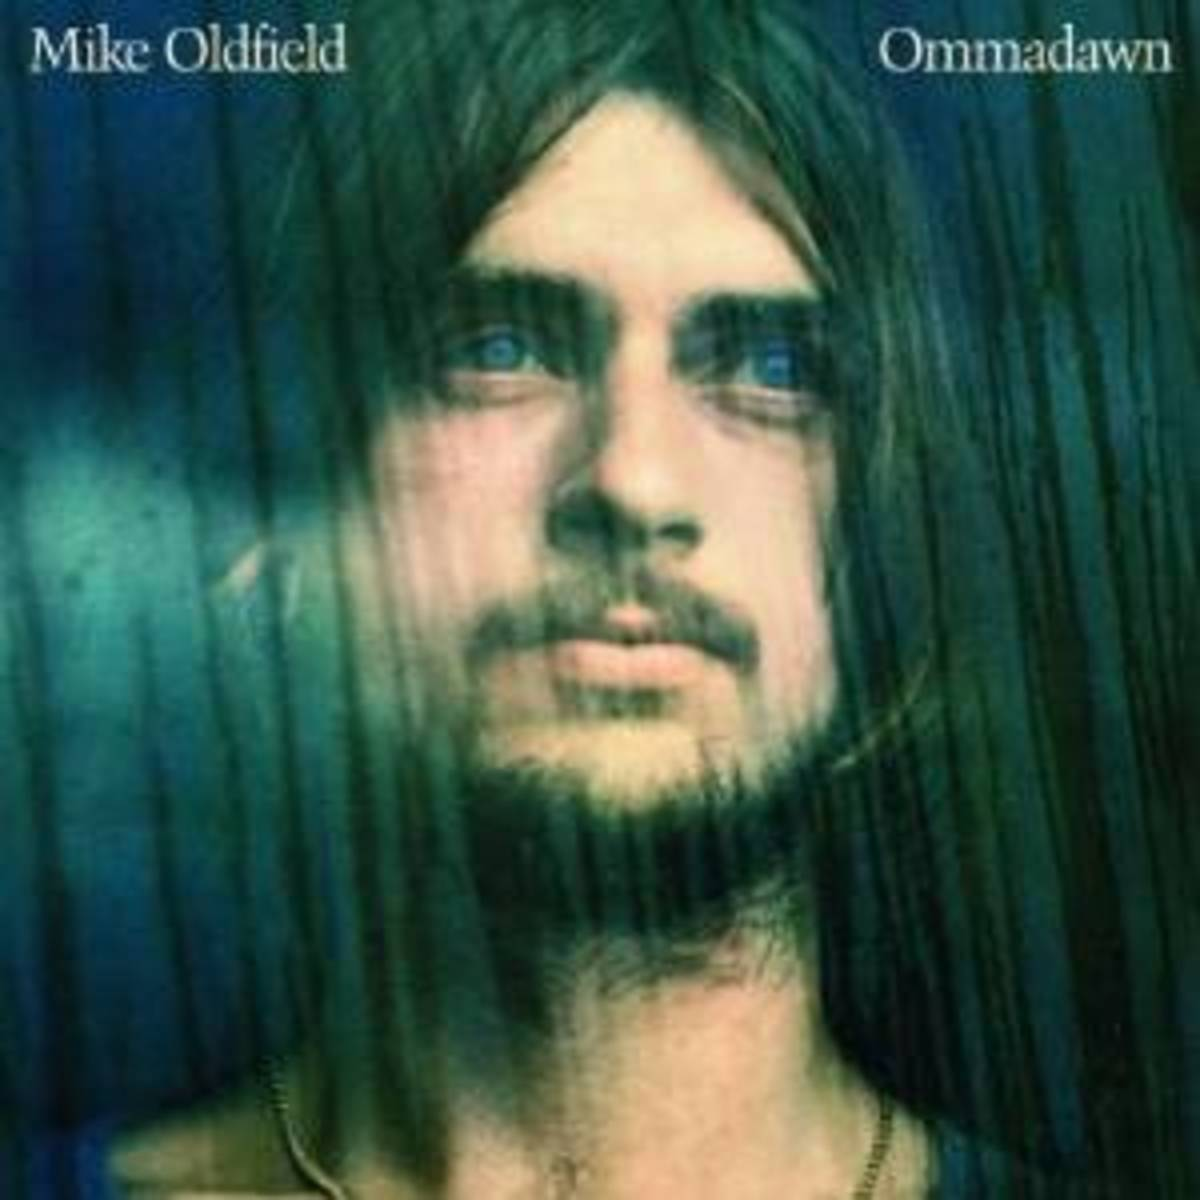 'Ommadawn 1975